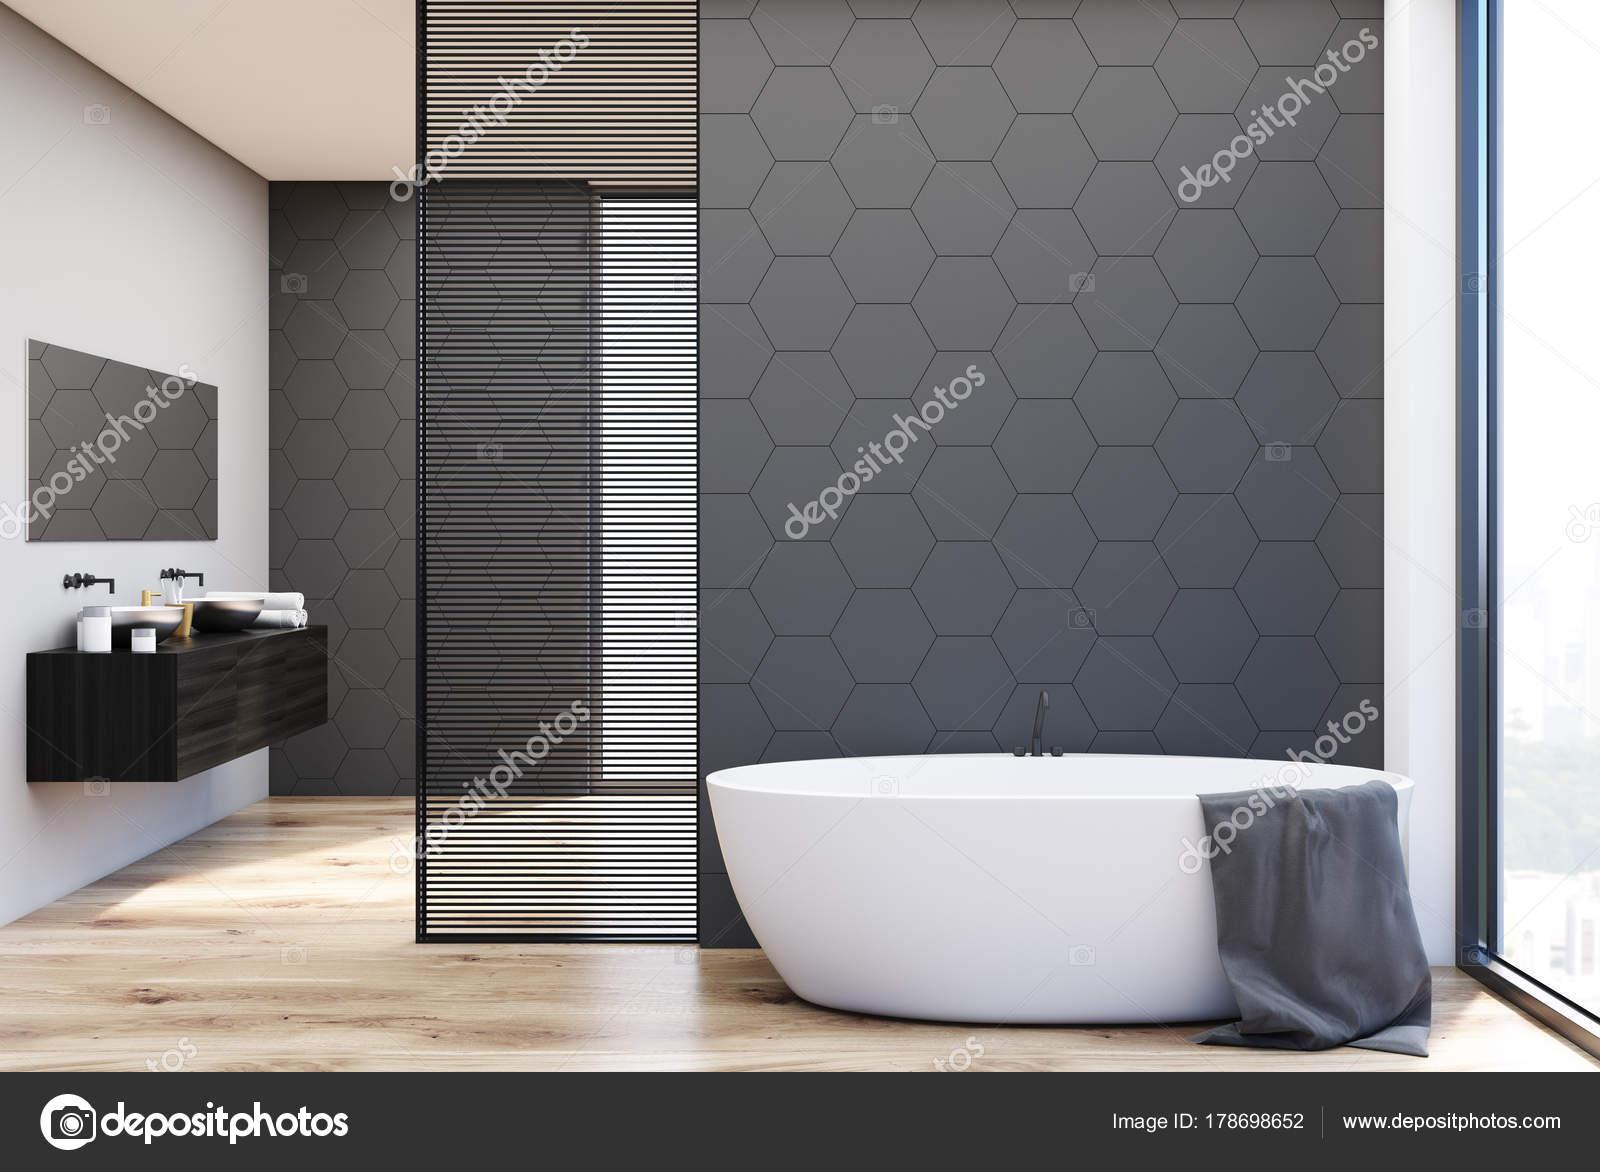 Badkamer Tegels Grijs : Grijze tegels badkamer badkuip en wastafels u stockfoto